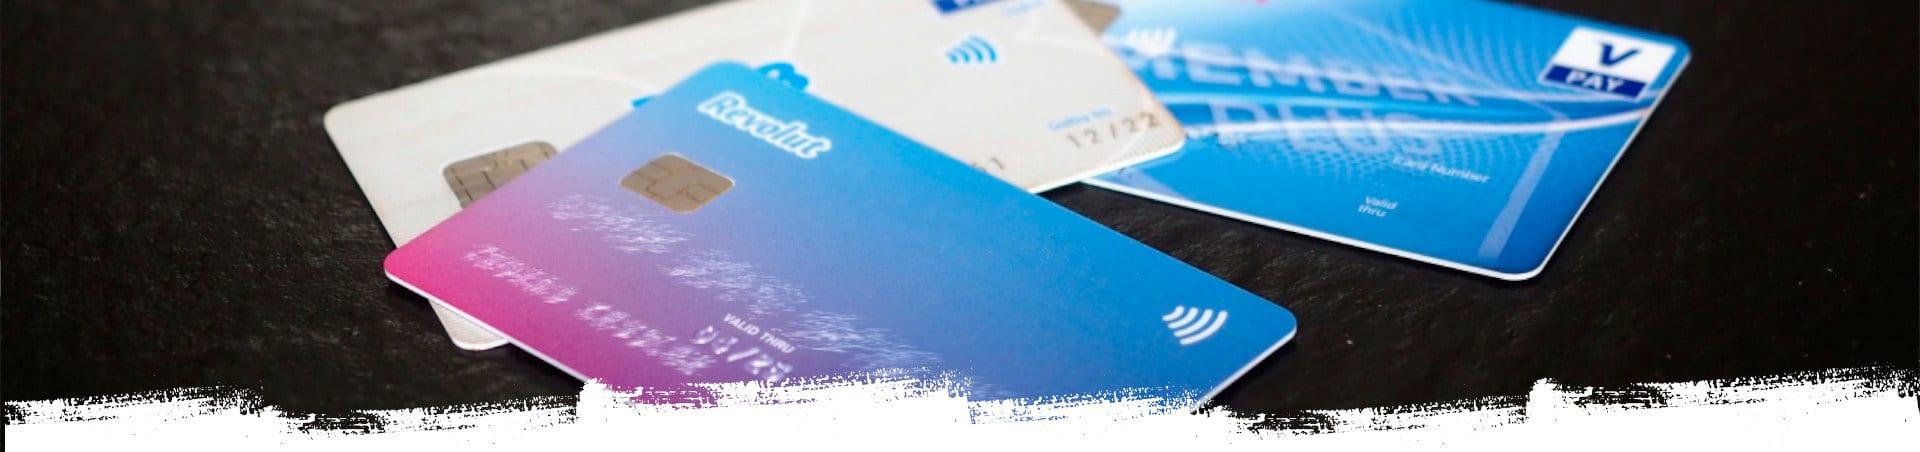 Kredit Schulden